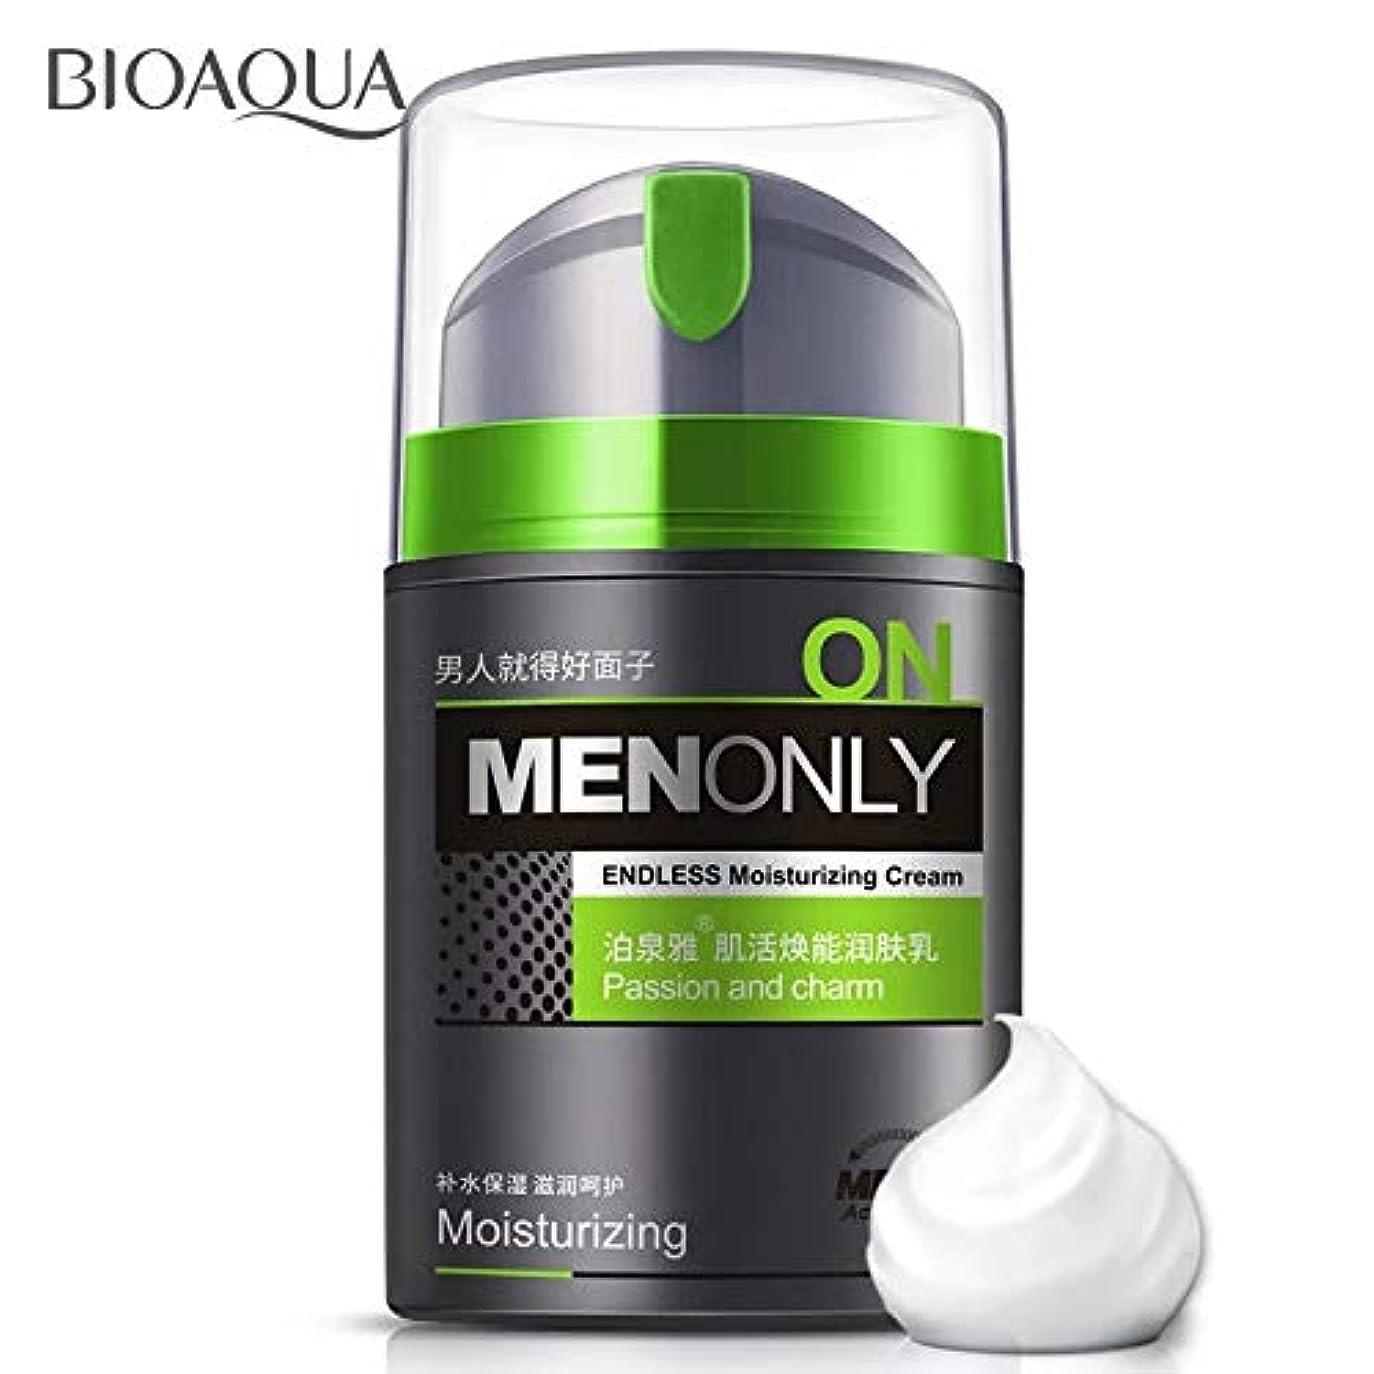 真実に貧困病気BIOAQUA男性保湿オイルコントロールフェイスクリームアンチリンクルデイクリーム寧ケア